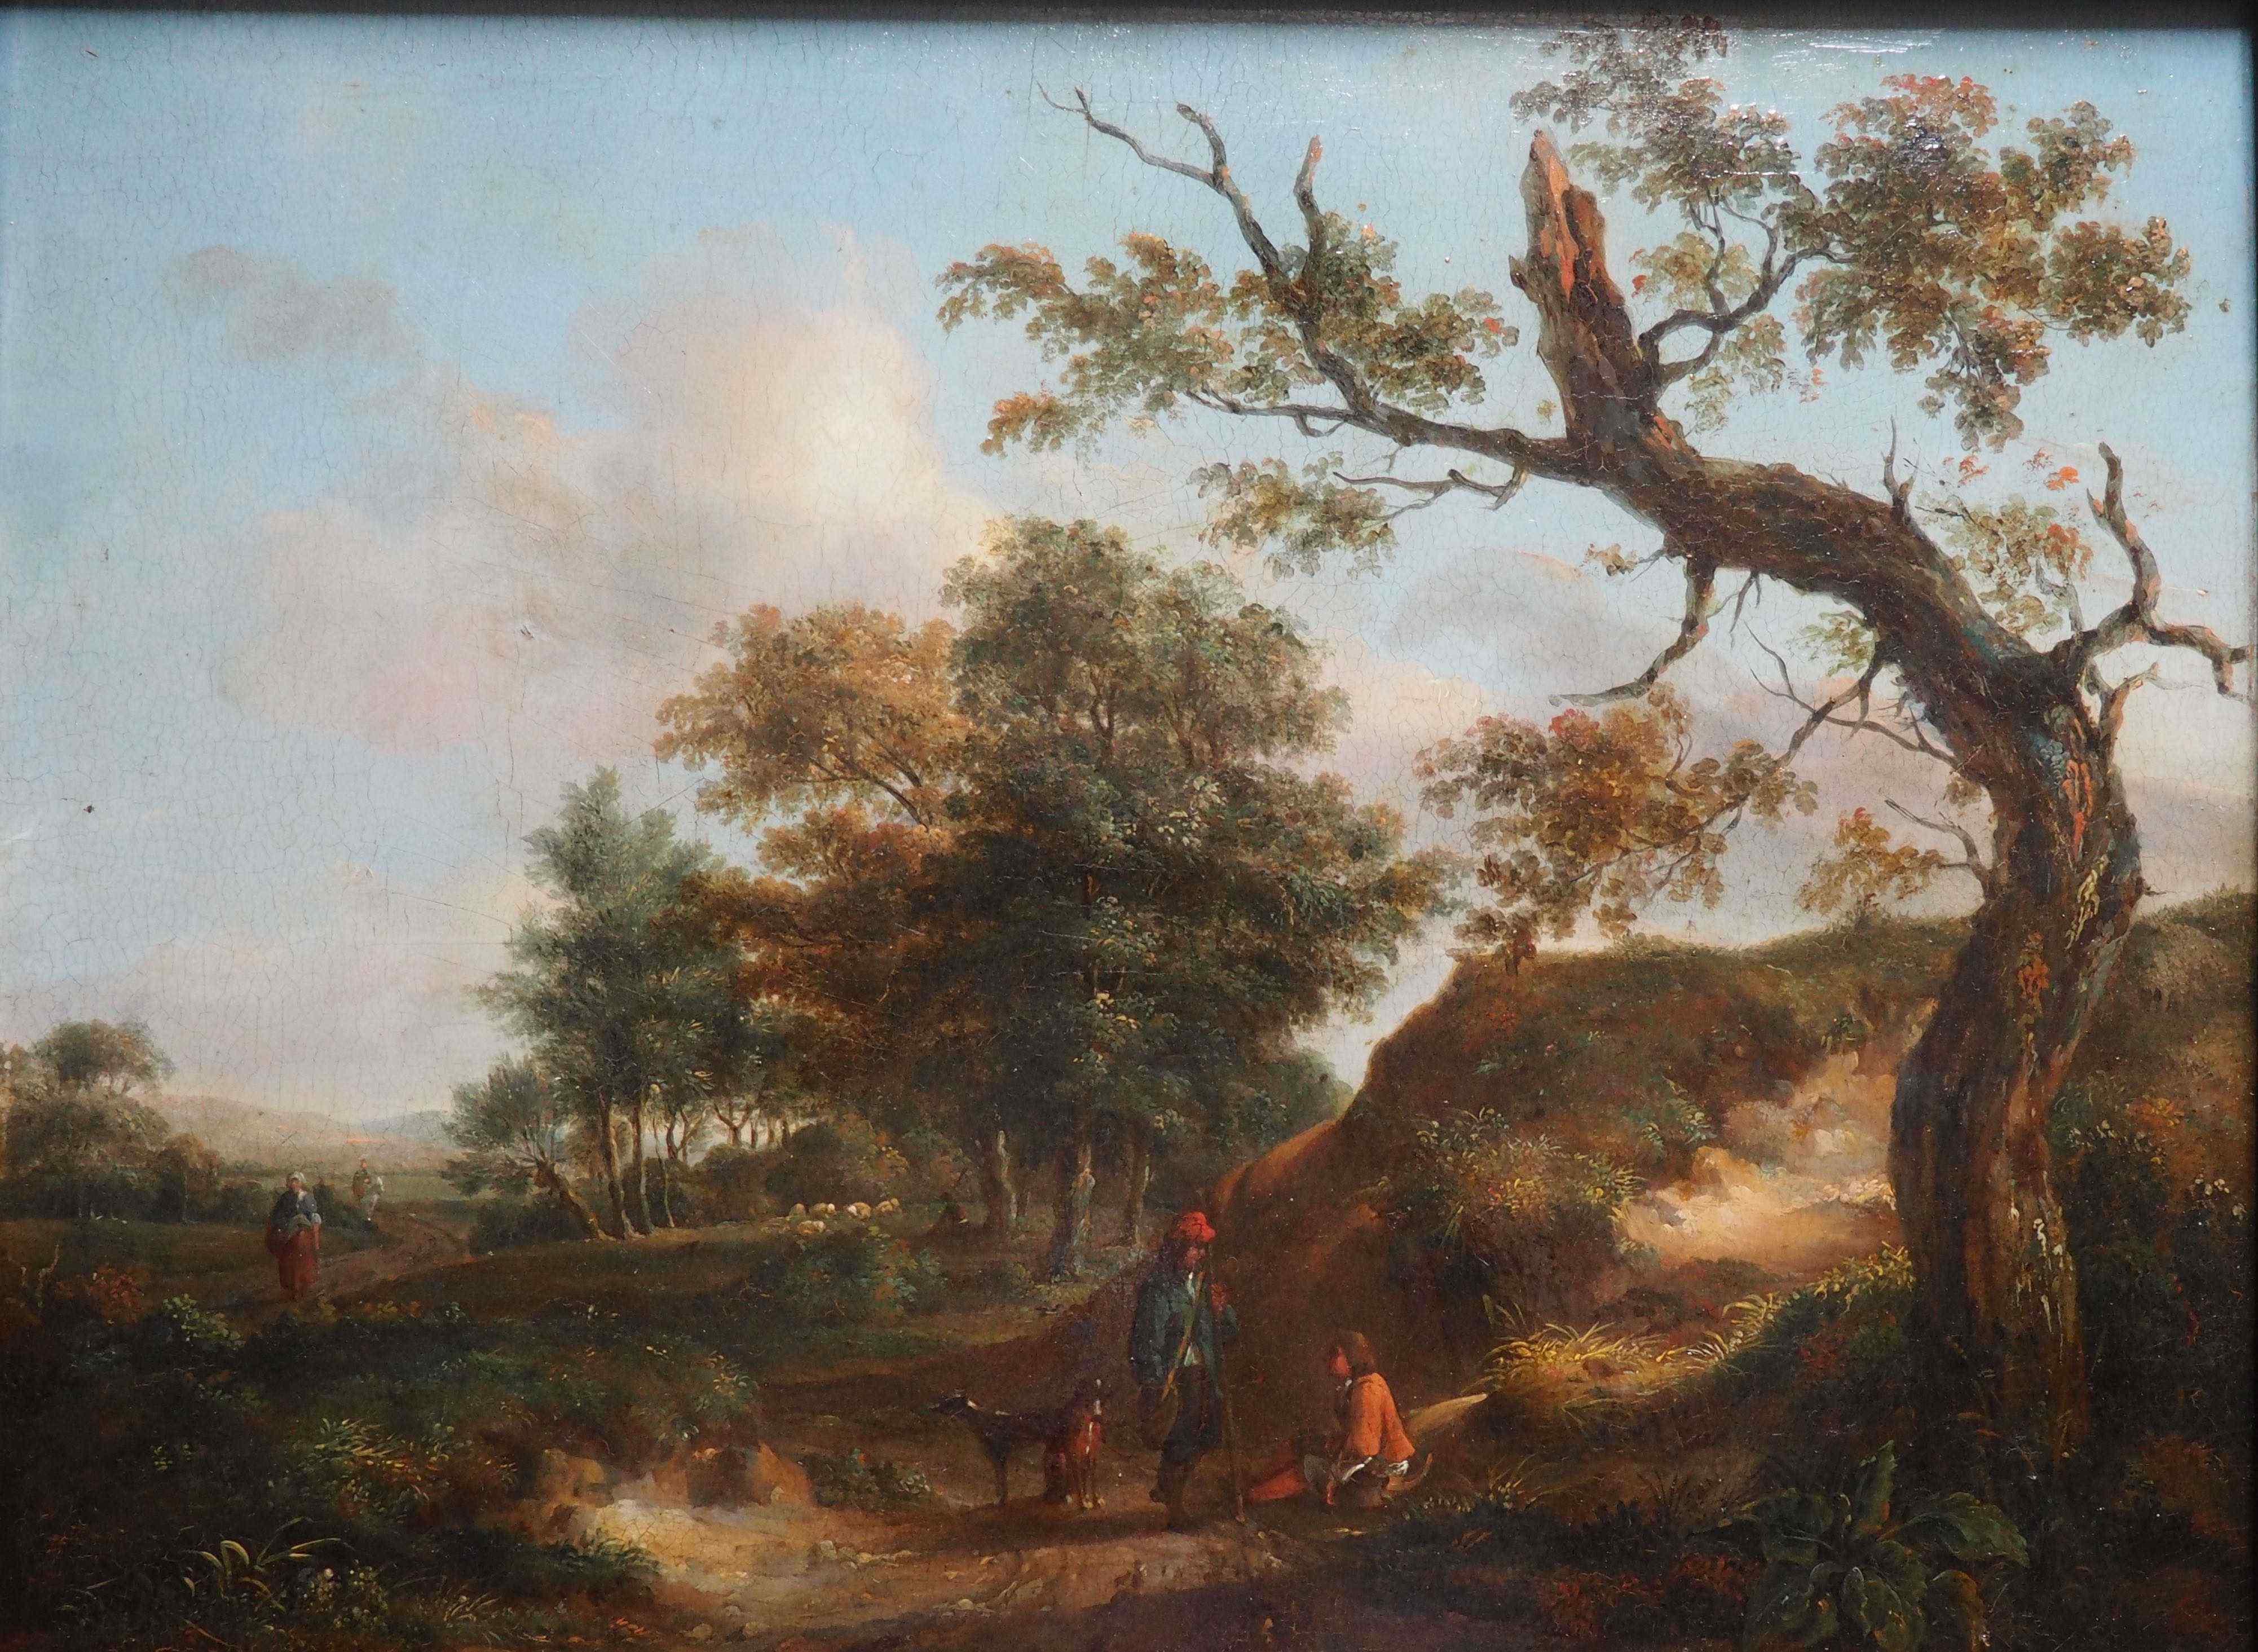 Dipinto di Scuola Fiamminga del XVIII secolo